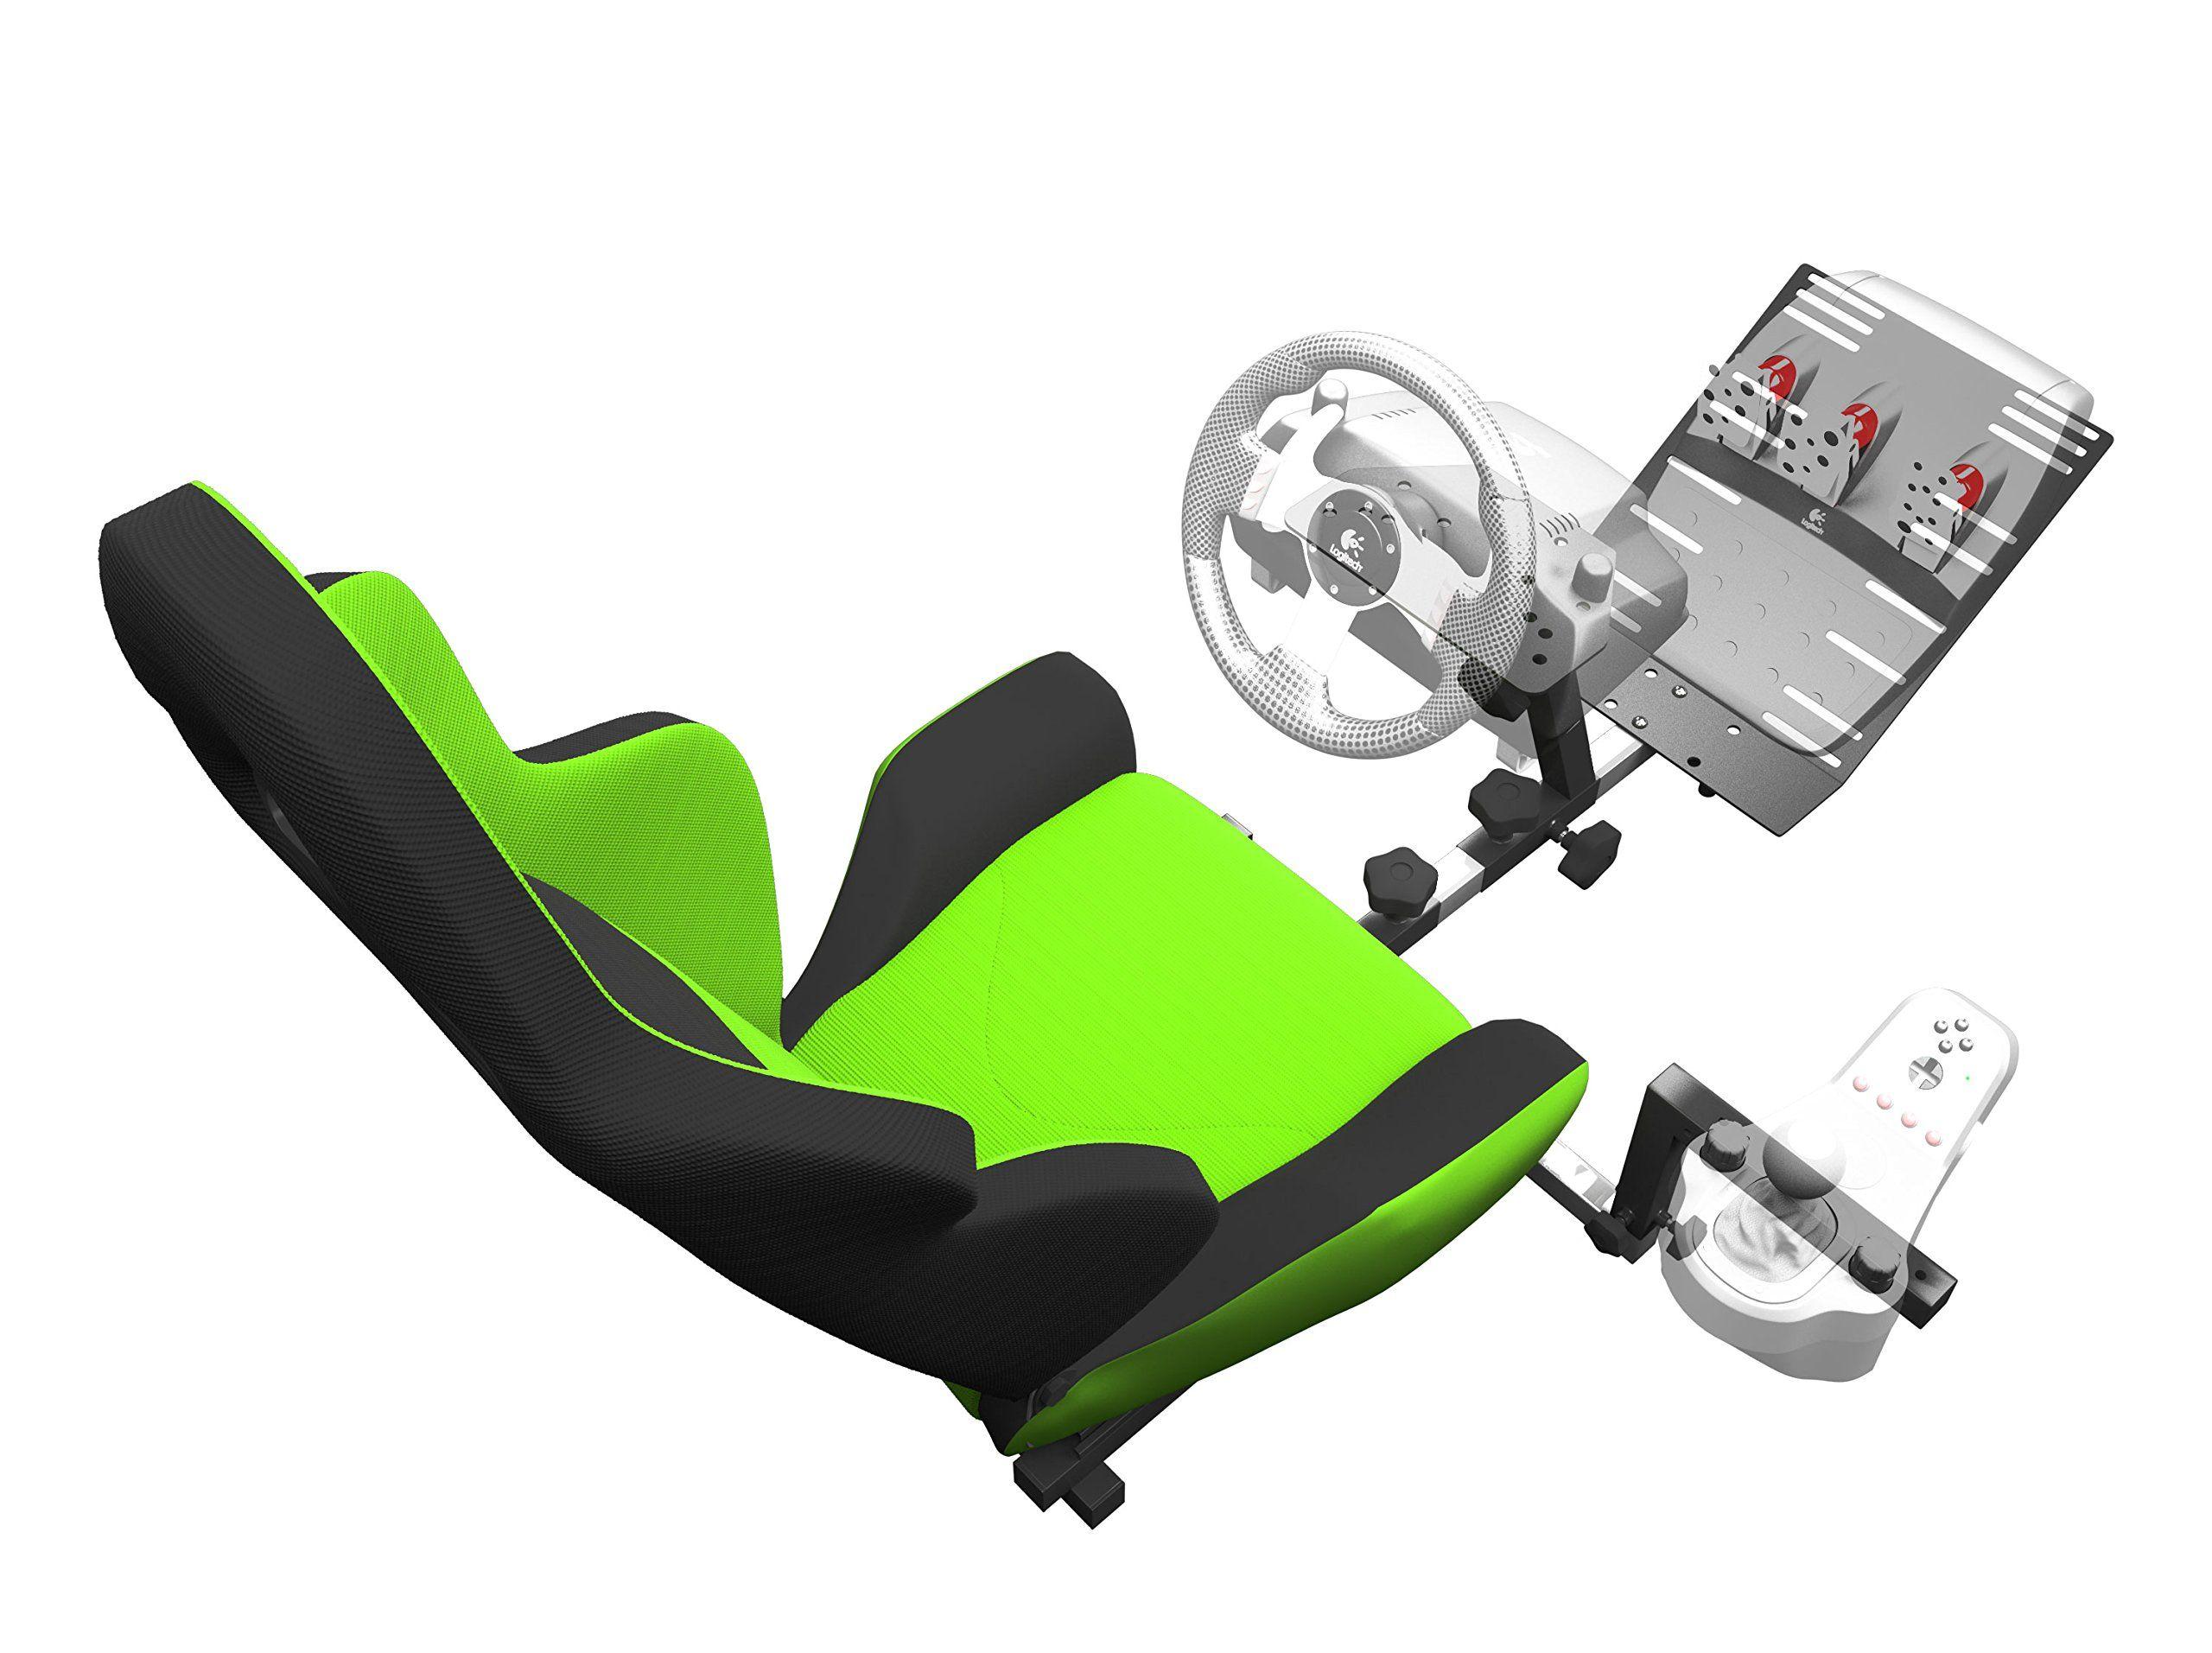 Openwheeler Gen2 Racing Wheel Stand Cockpit Green On Black